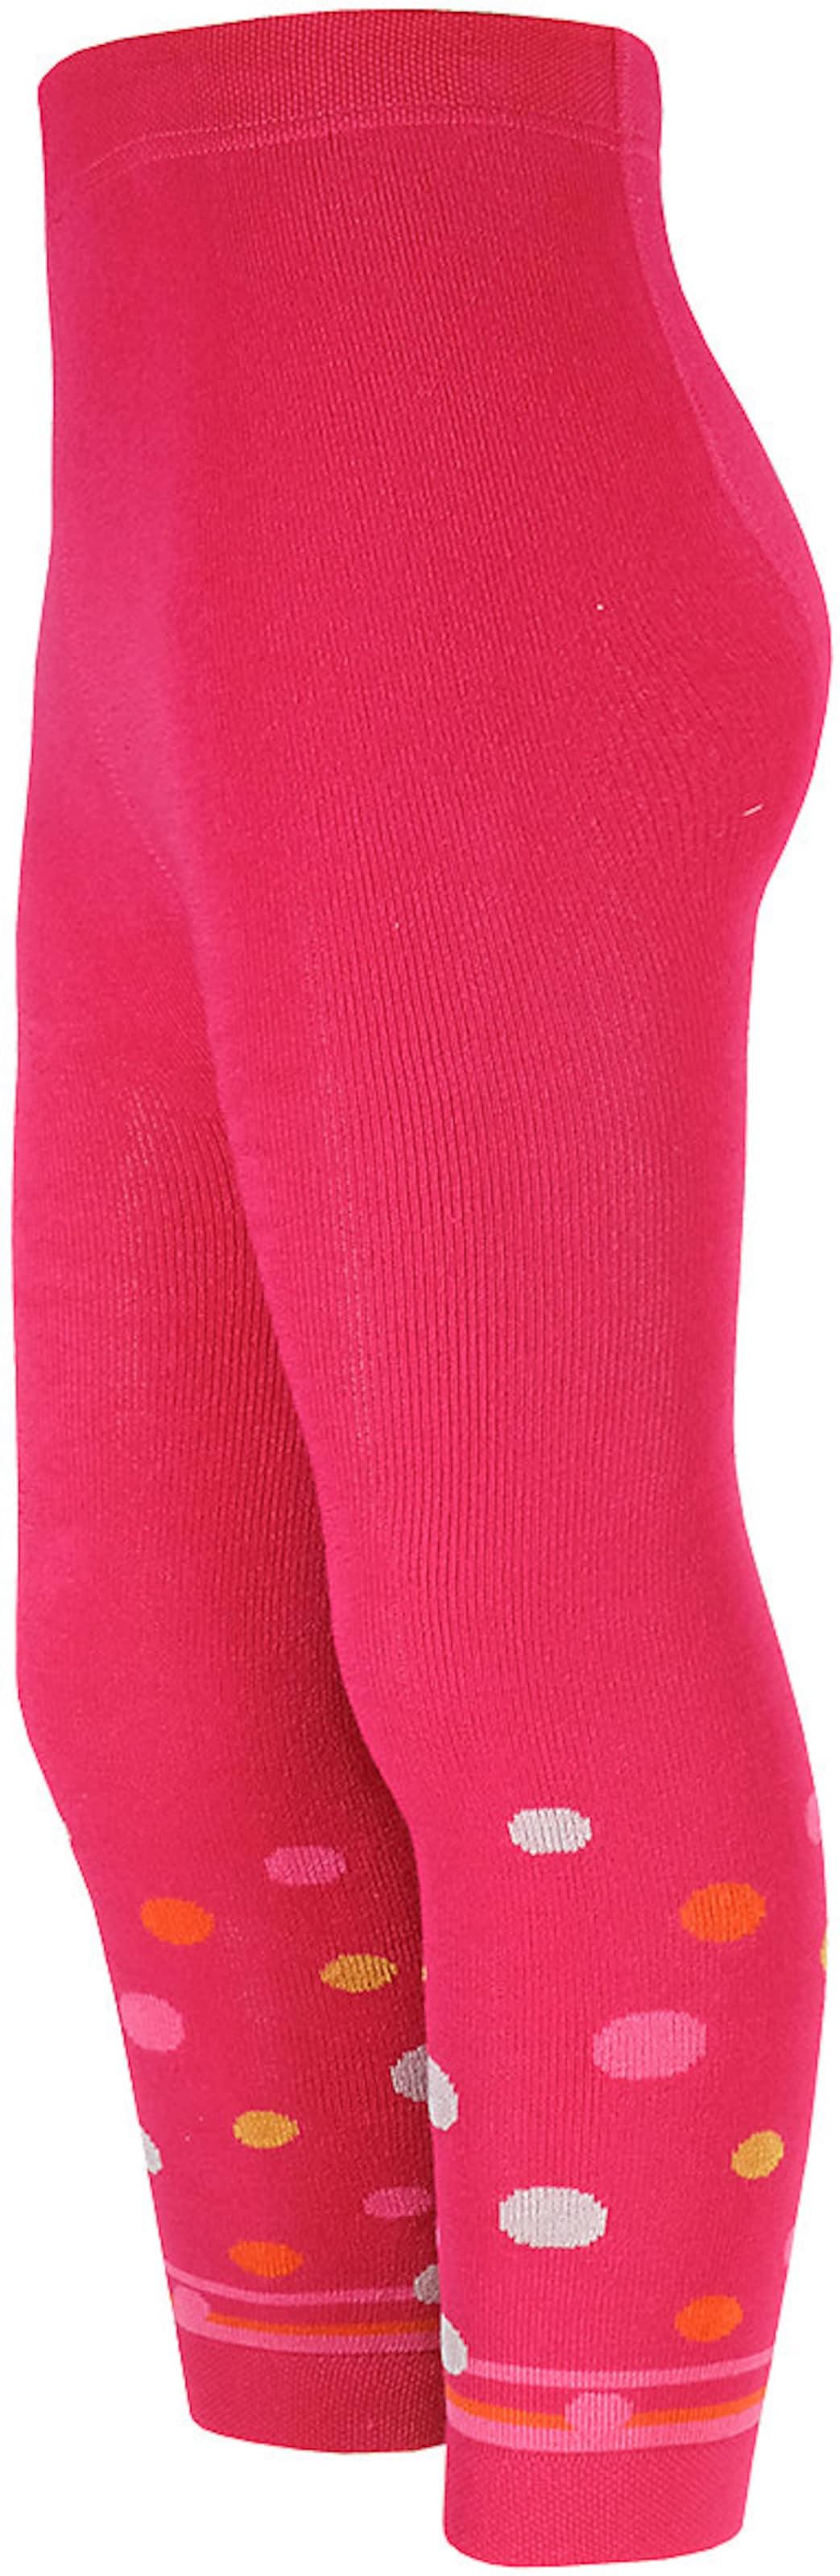 Kinder,  Mädchen,  Kinder Maximo Leggings orange,  pink,  weiß, schwarz,  weiß | 04060109311830